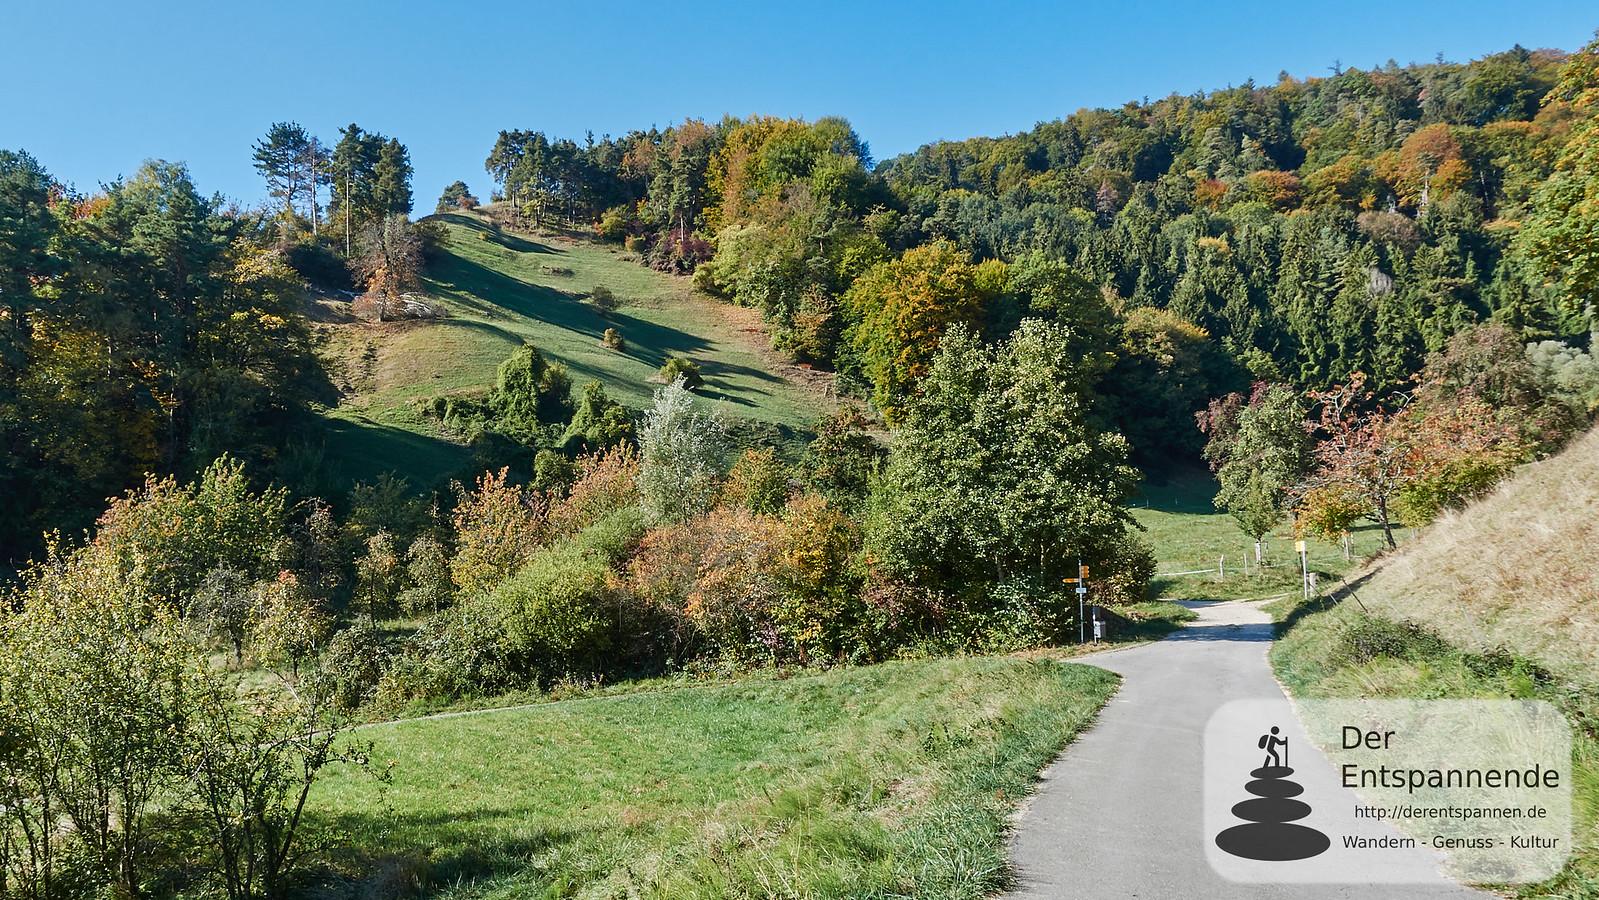 Wandern von Ludwigshafen zum Haldenhof am Bodensee